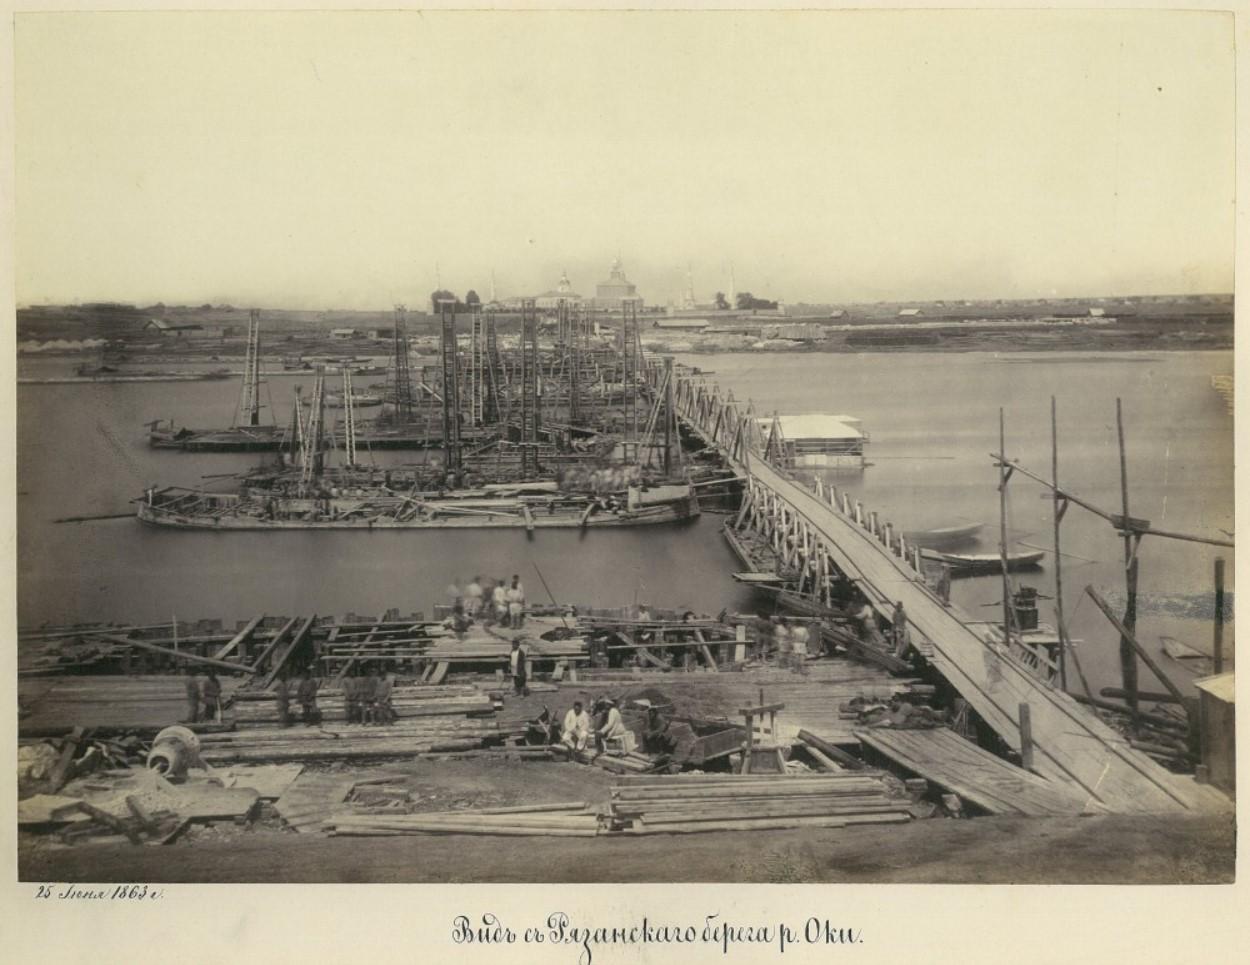 25 июня 1863 года. Вид с рязанского берега р.Оки